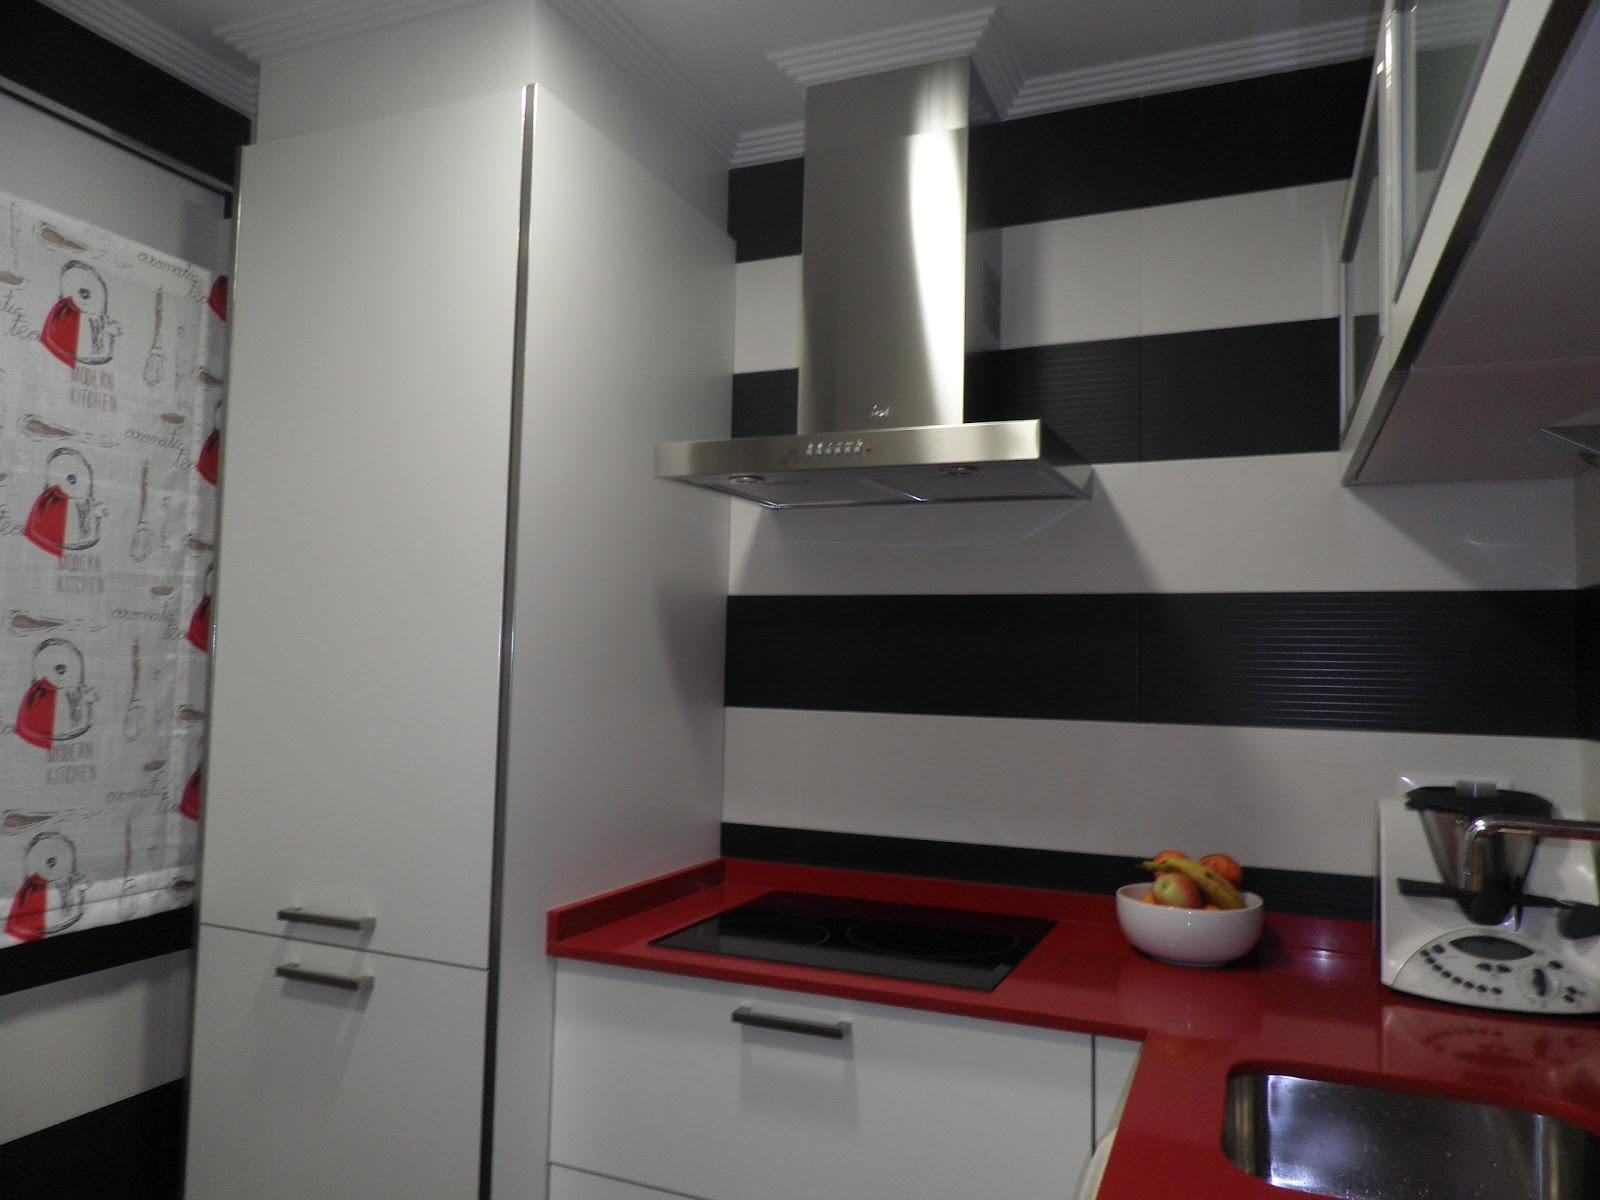 Interiorismo y decoracion lola torga dise o de una cocina for Diseno cocina salon integrados